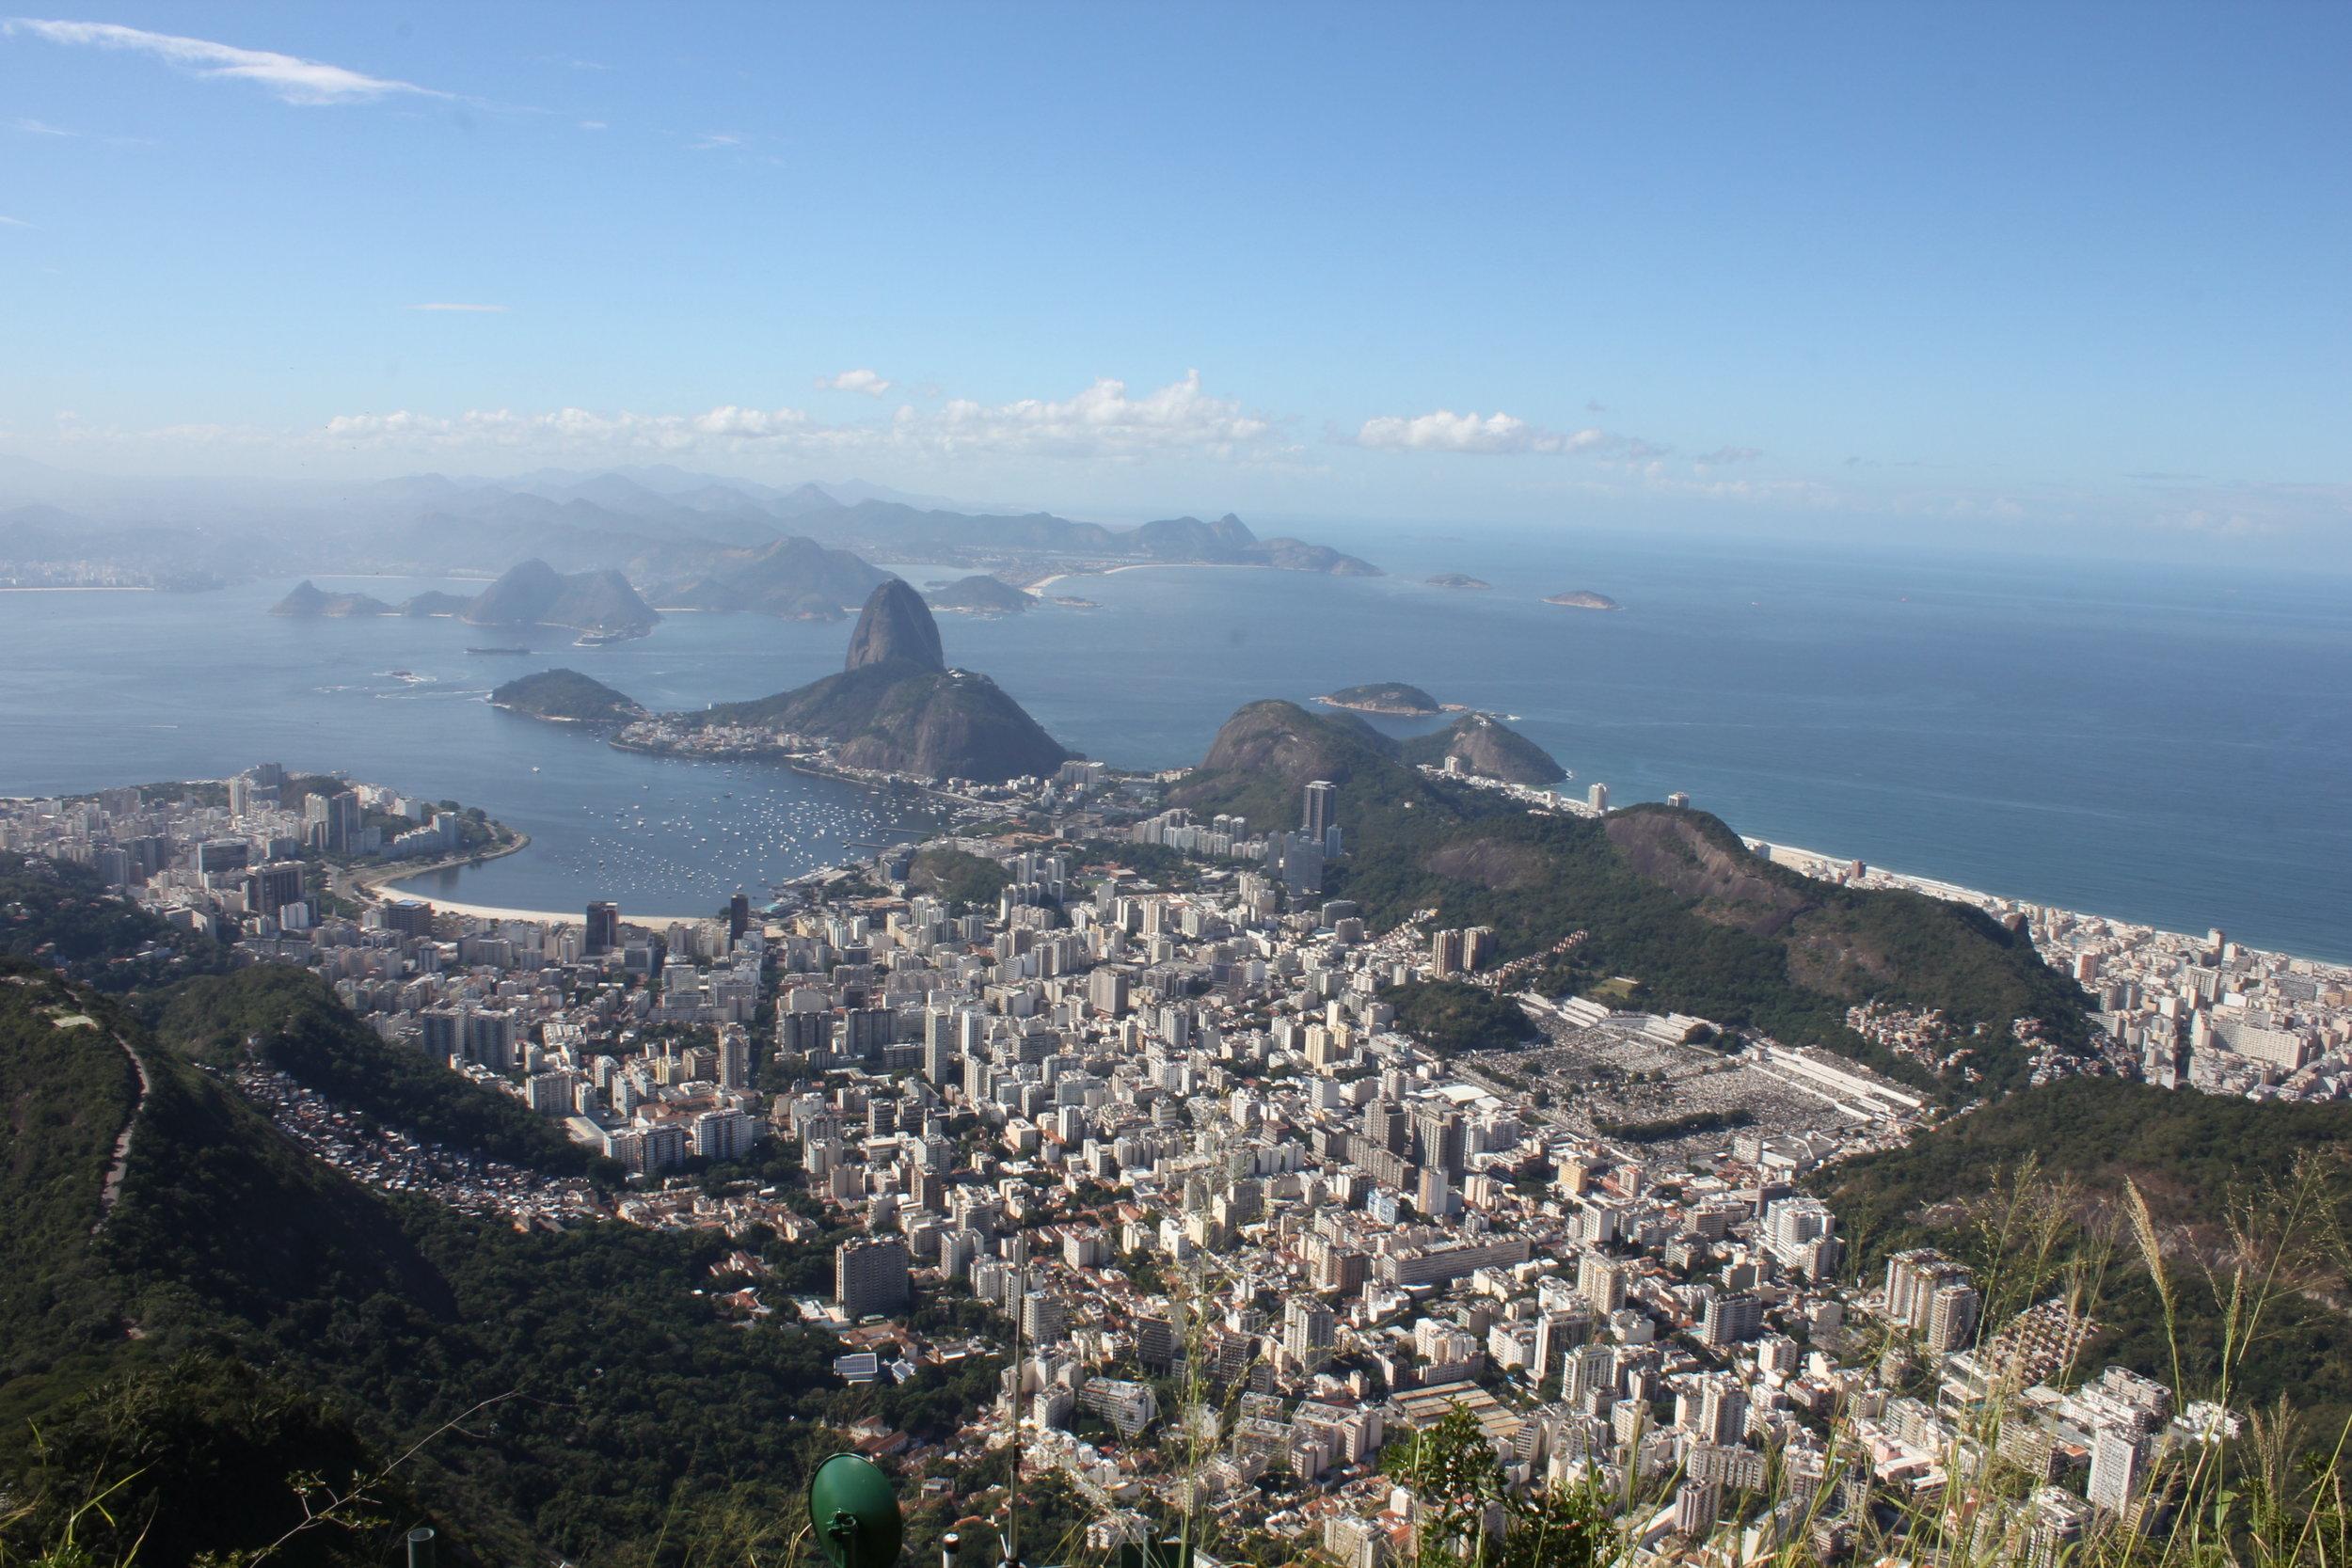 Rio de Janeiro, Brazil – View from Corcovado Mountain